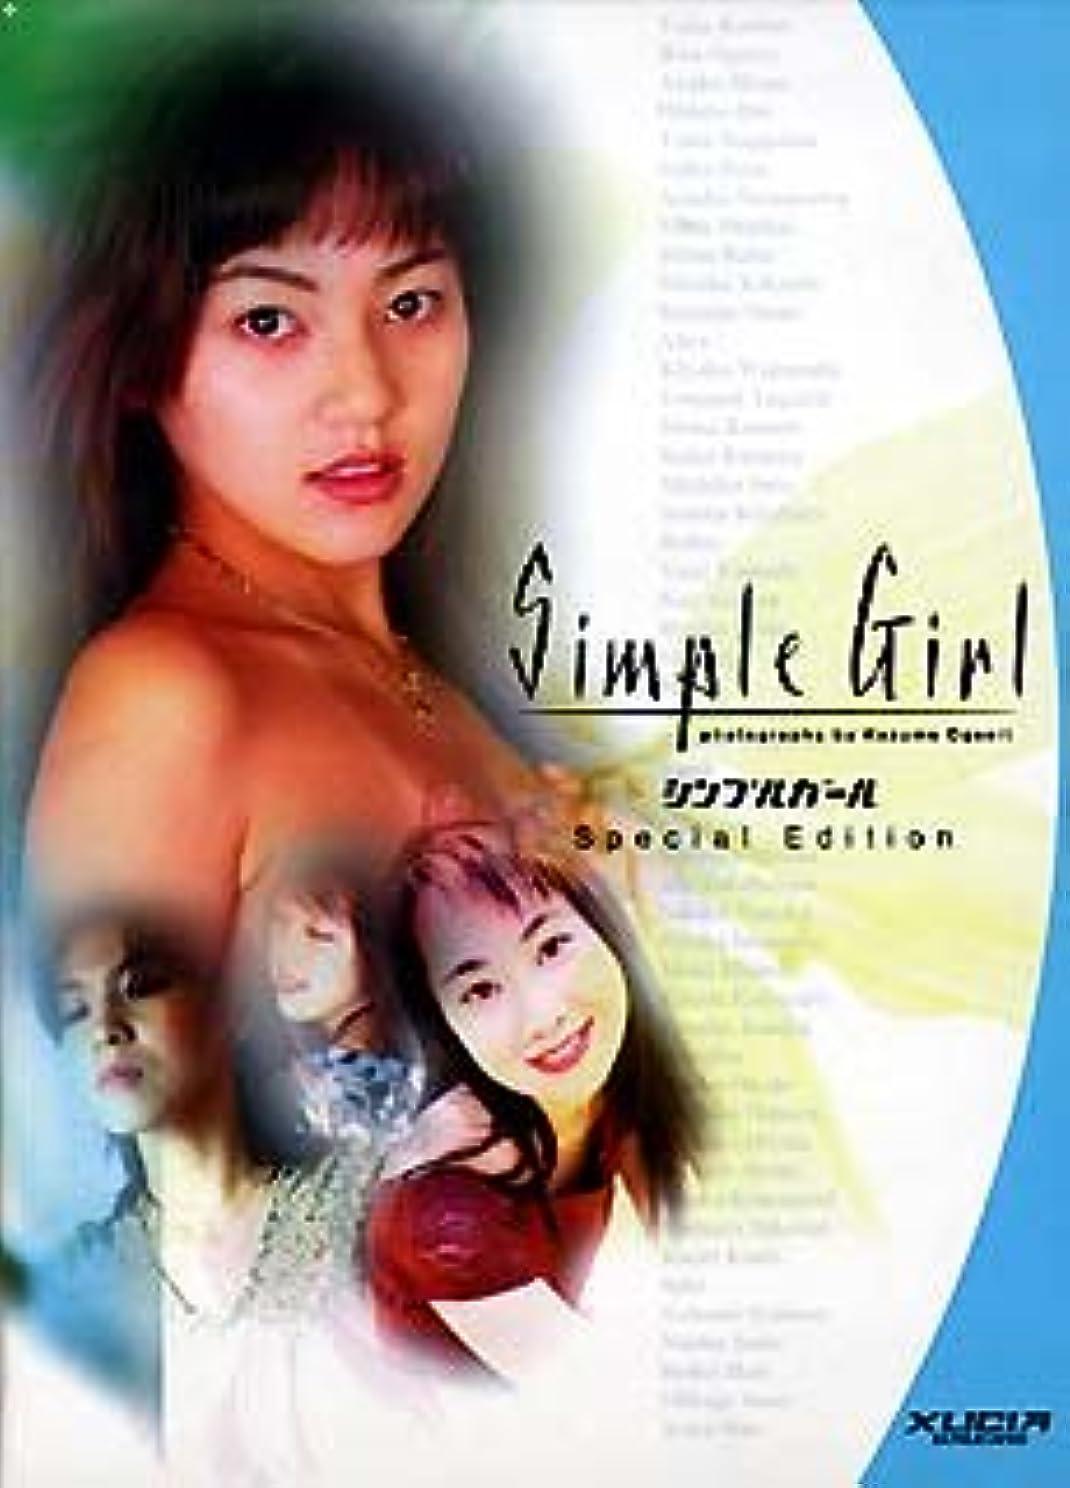 快いストッキング完璧なSimple Girl Special Edition